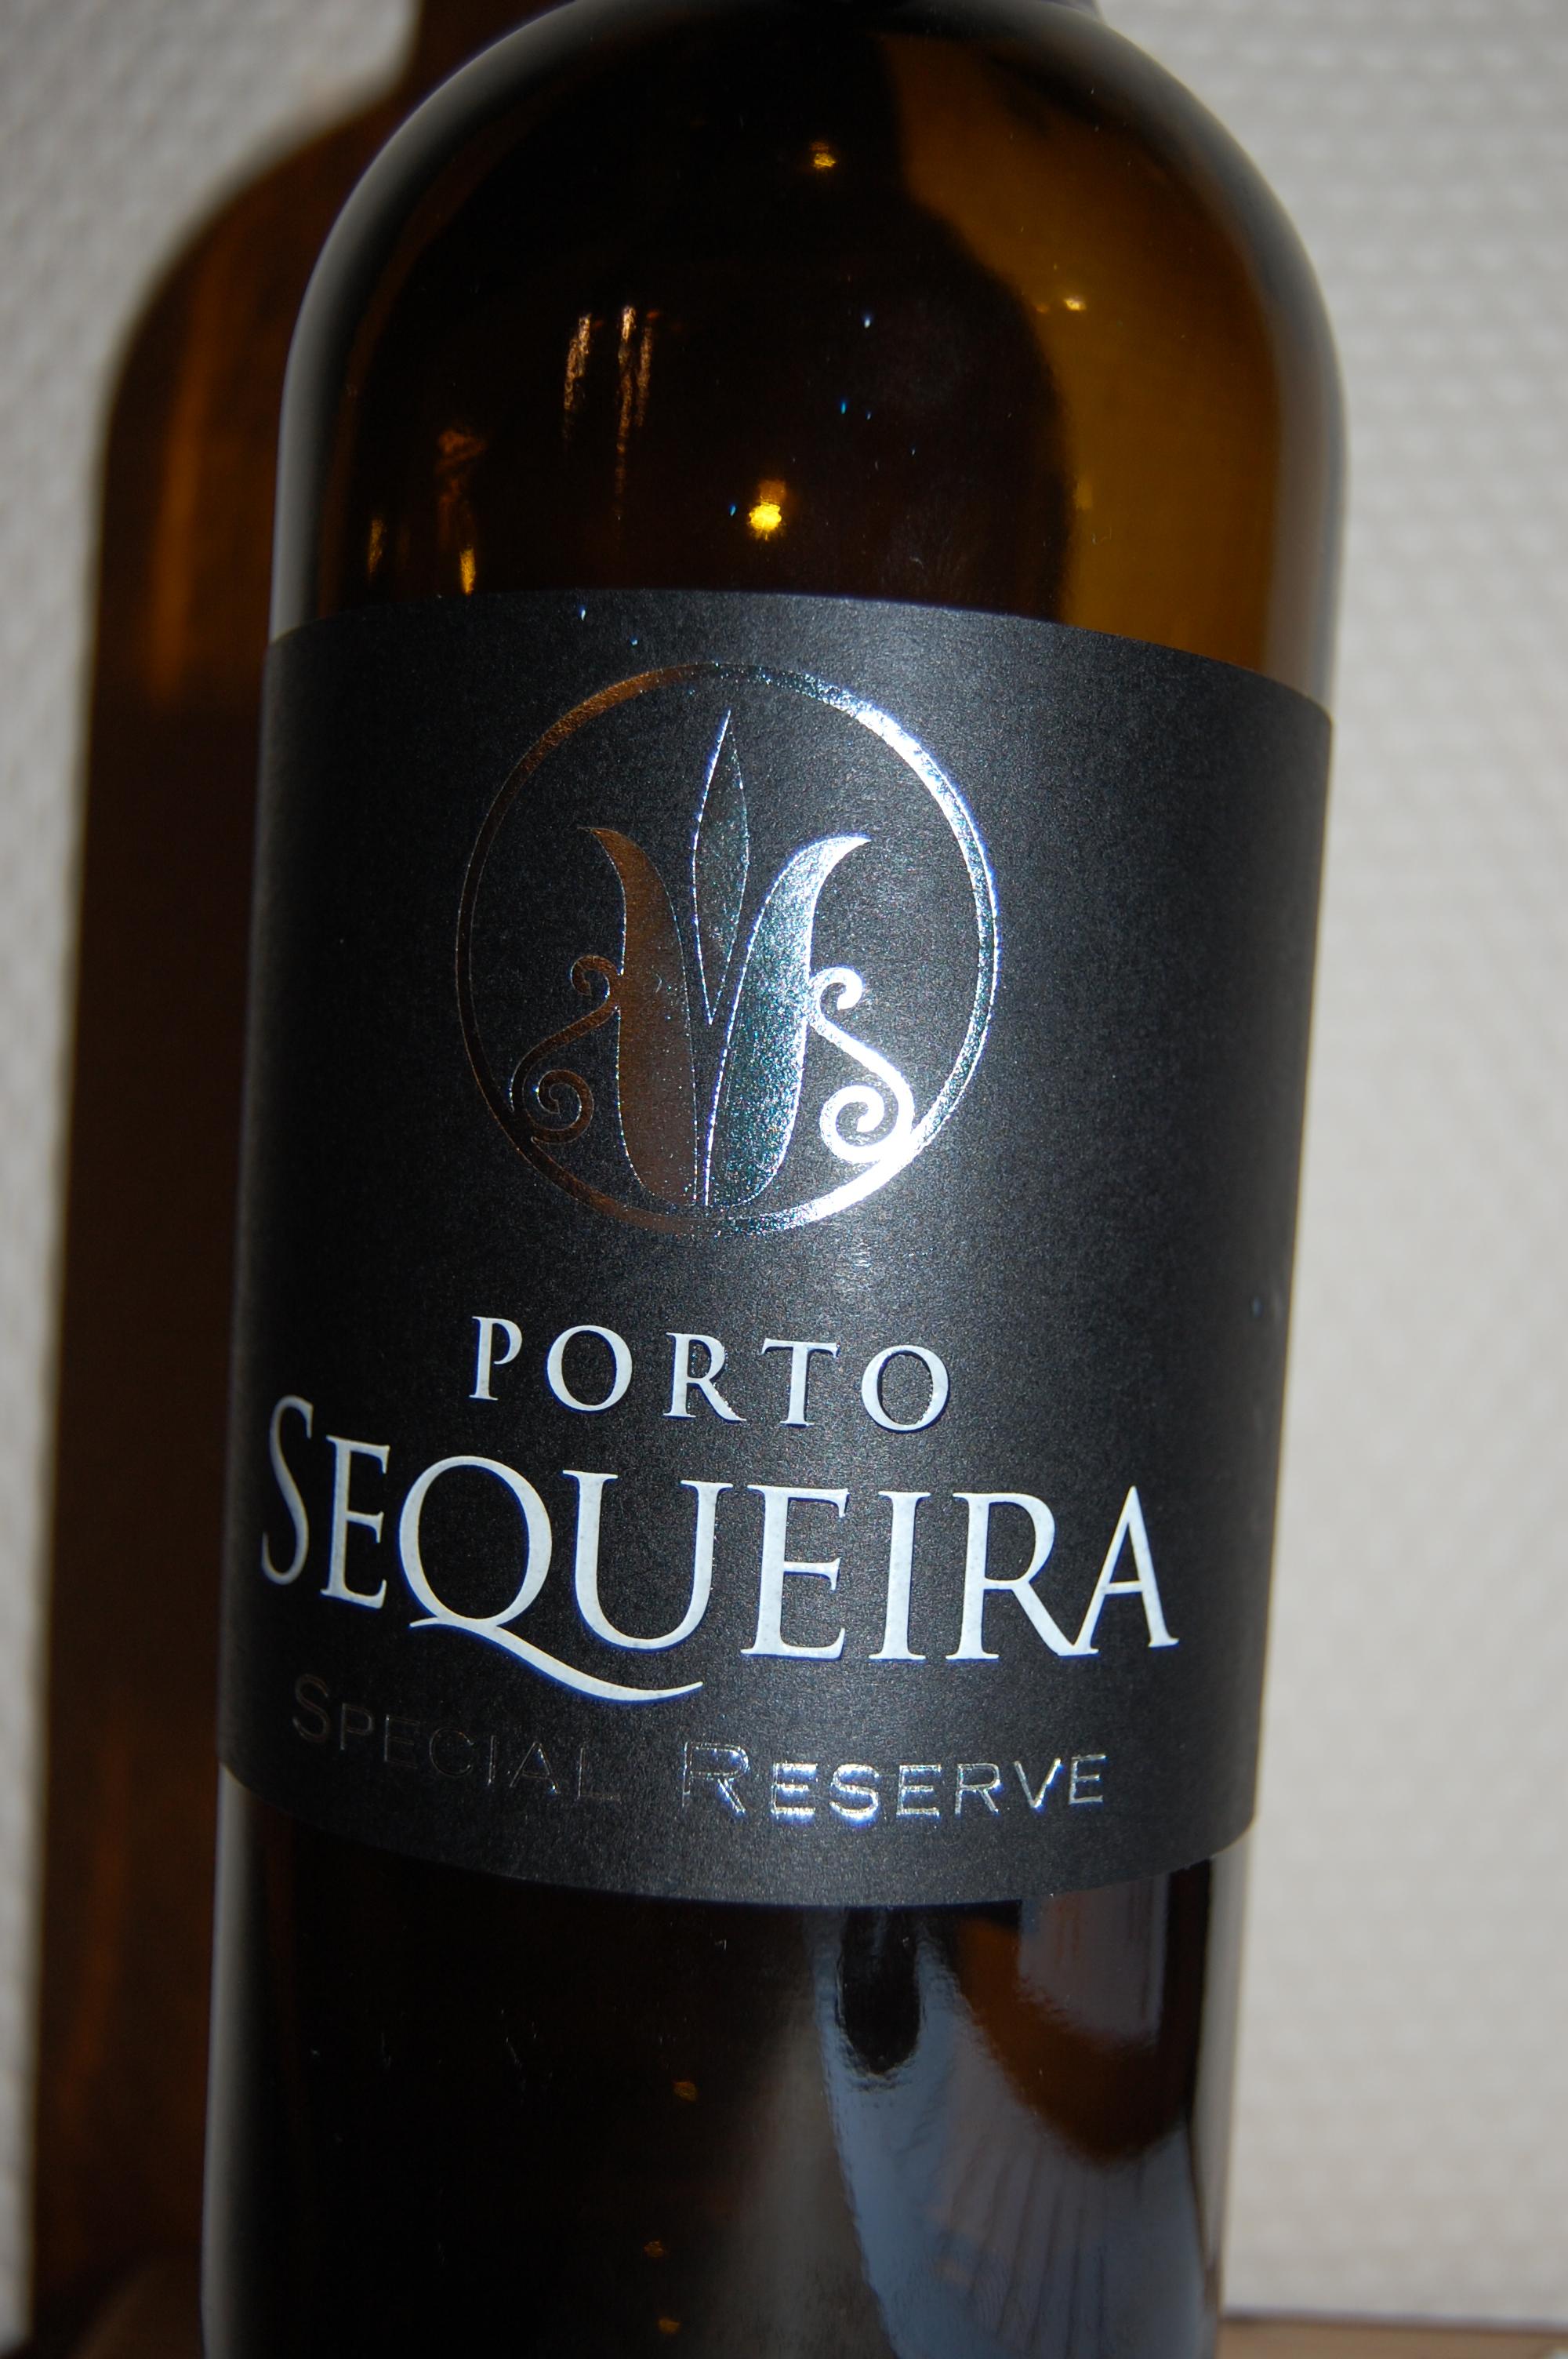 Sequeira Reserve